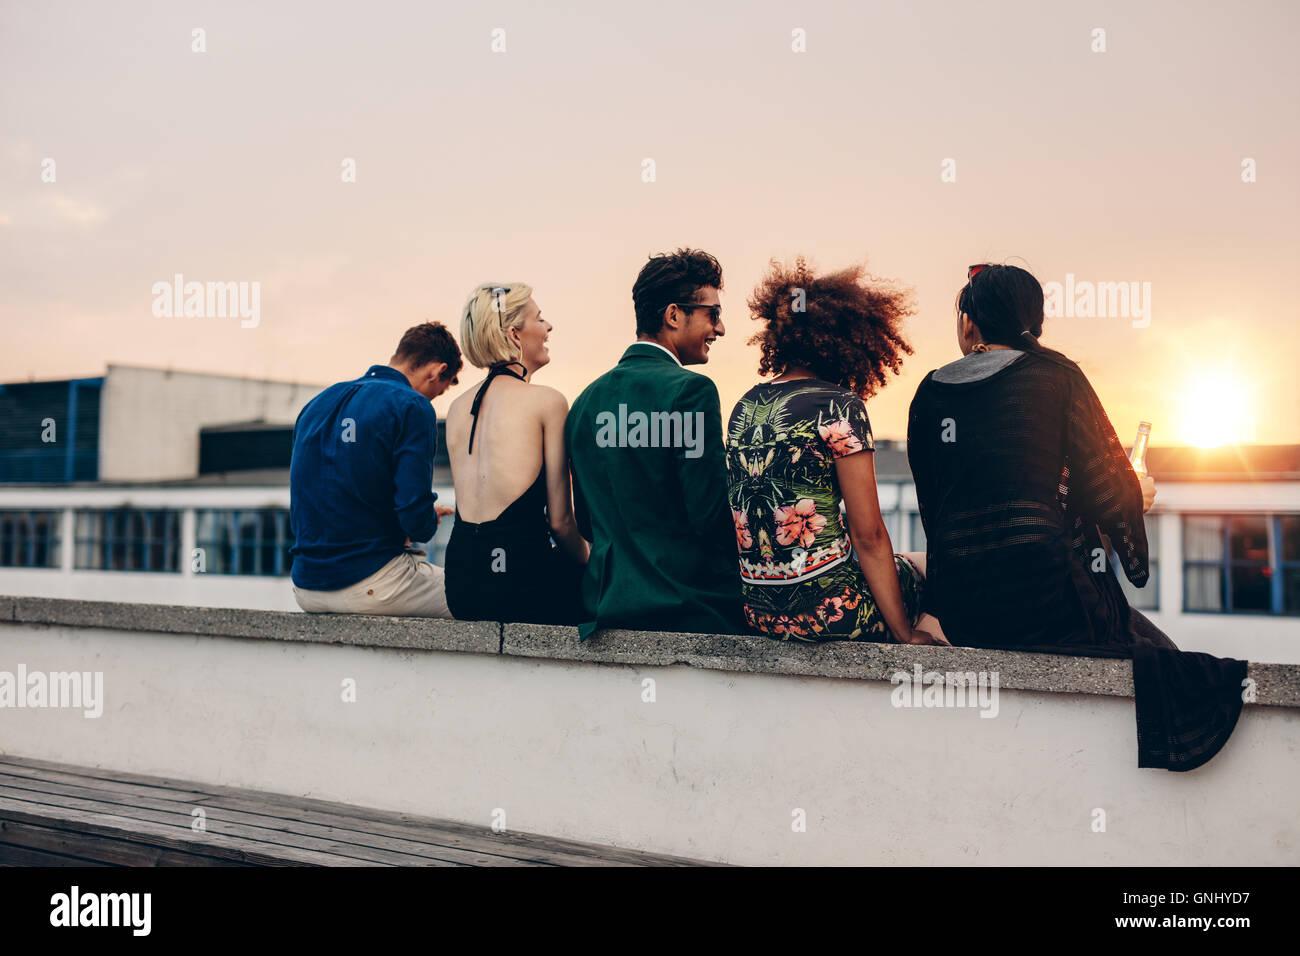 Vue arrière photo de jeunes hommes et femmes assis ensemble sur le toit. Mixed Race amis détente sur terrasse Photo Stock